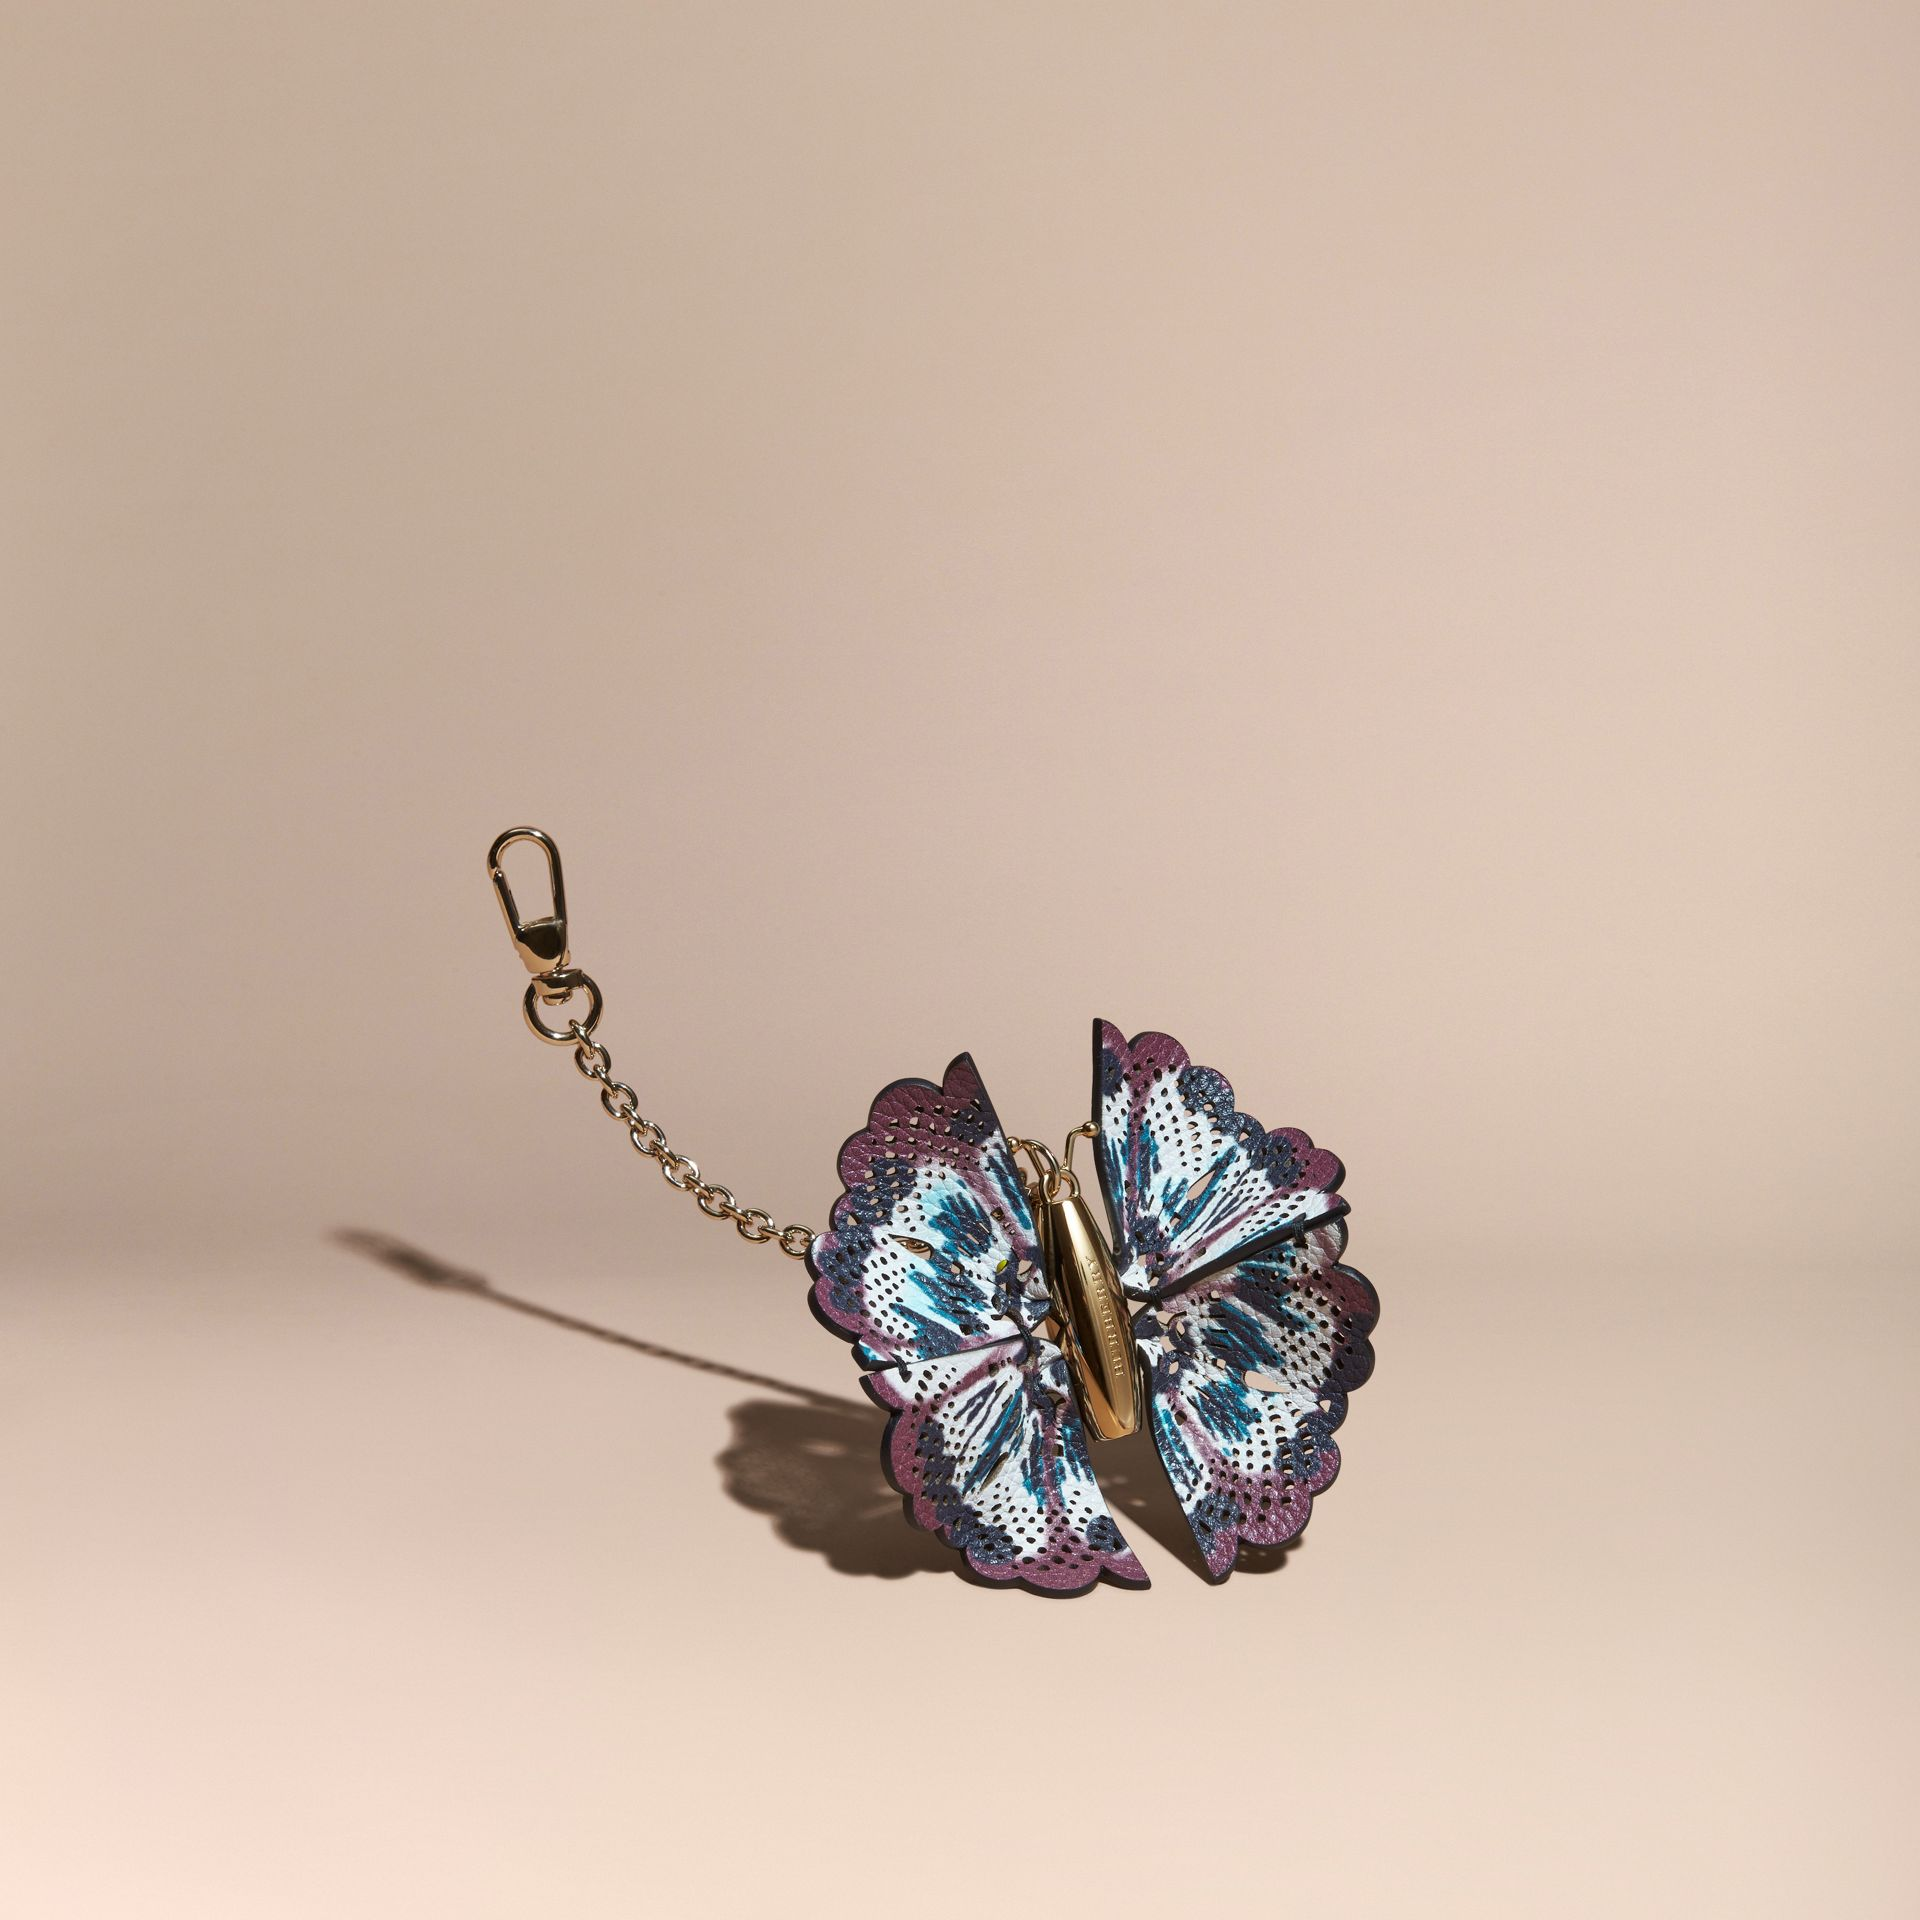 Rose mauve/rose antique Bijou porte-clés Papillon en cuir à imprimé tie and dye Rose Mauve/rose Antique - photo de la galerie 1